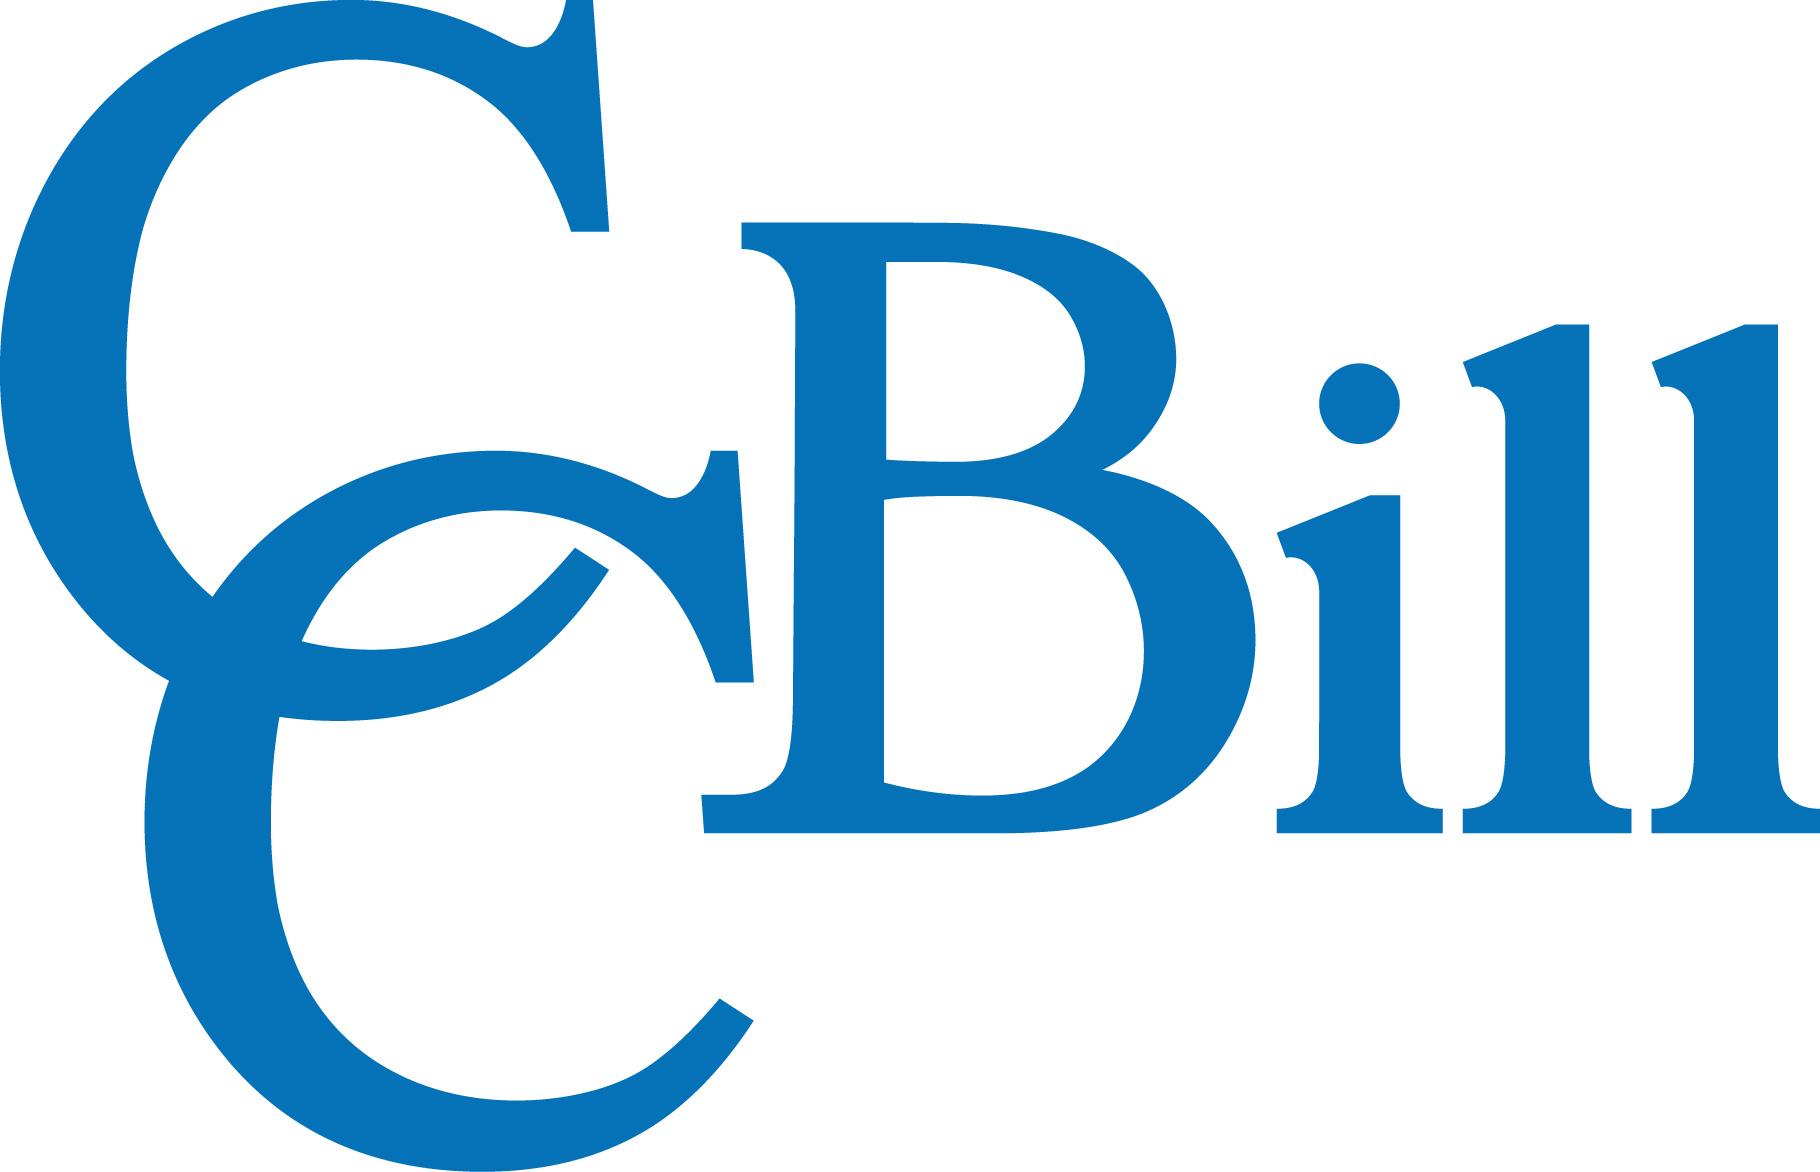 CCBill-logo.jpg